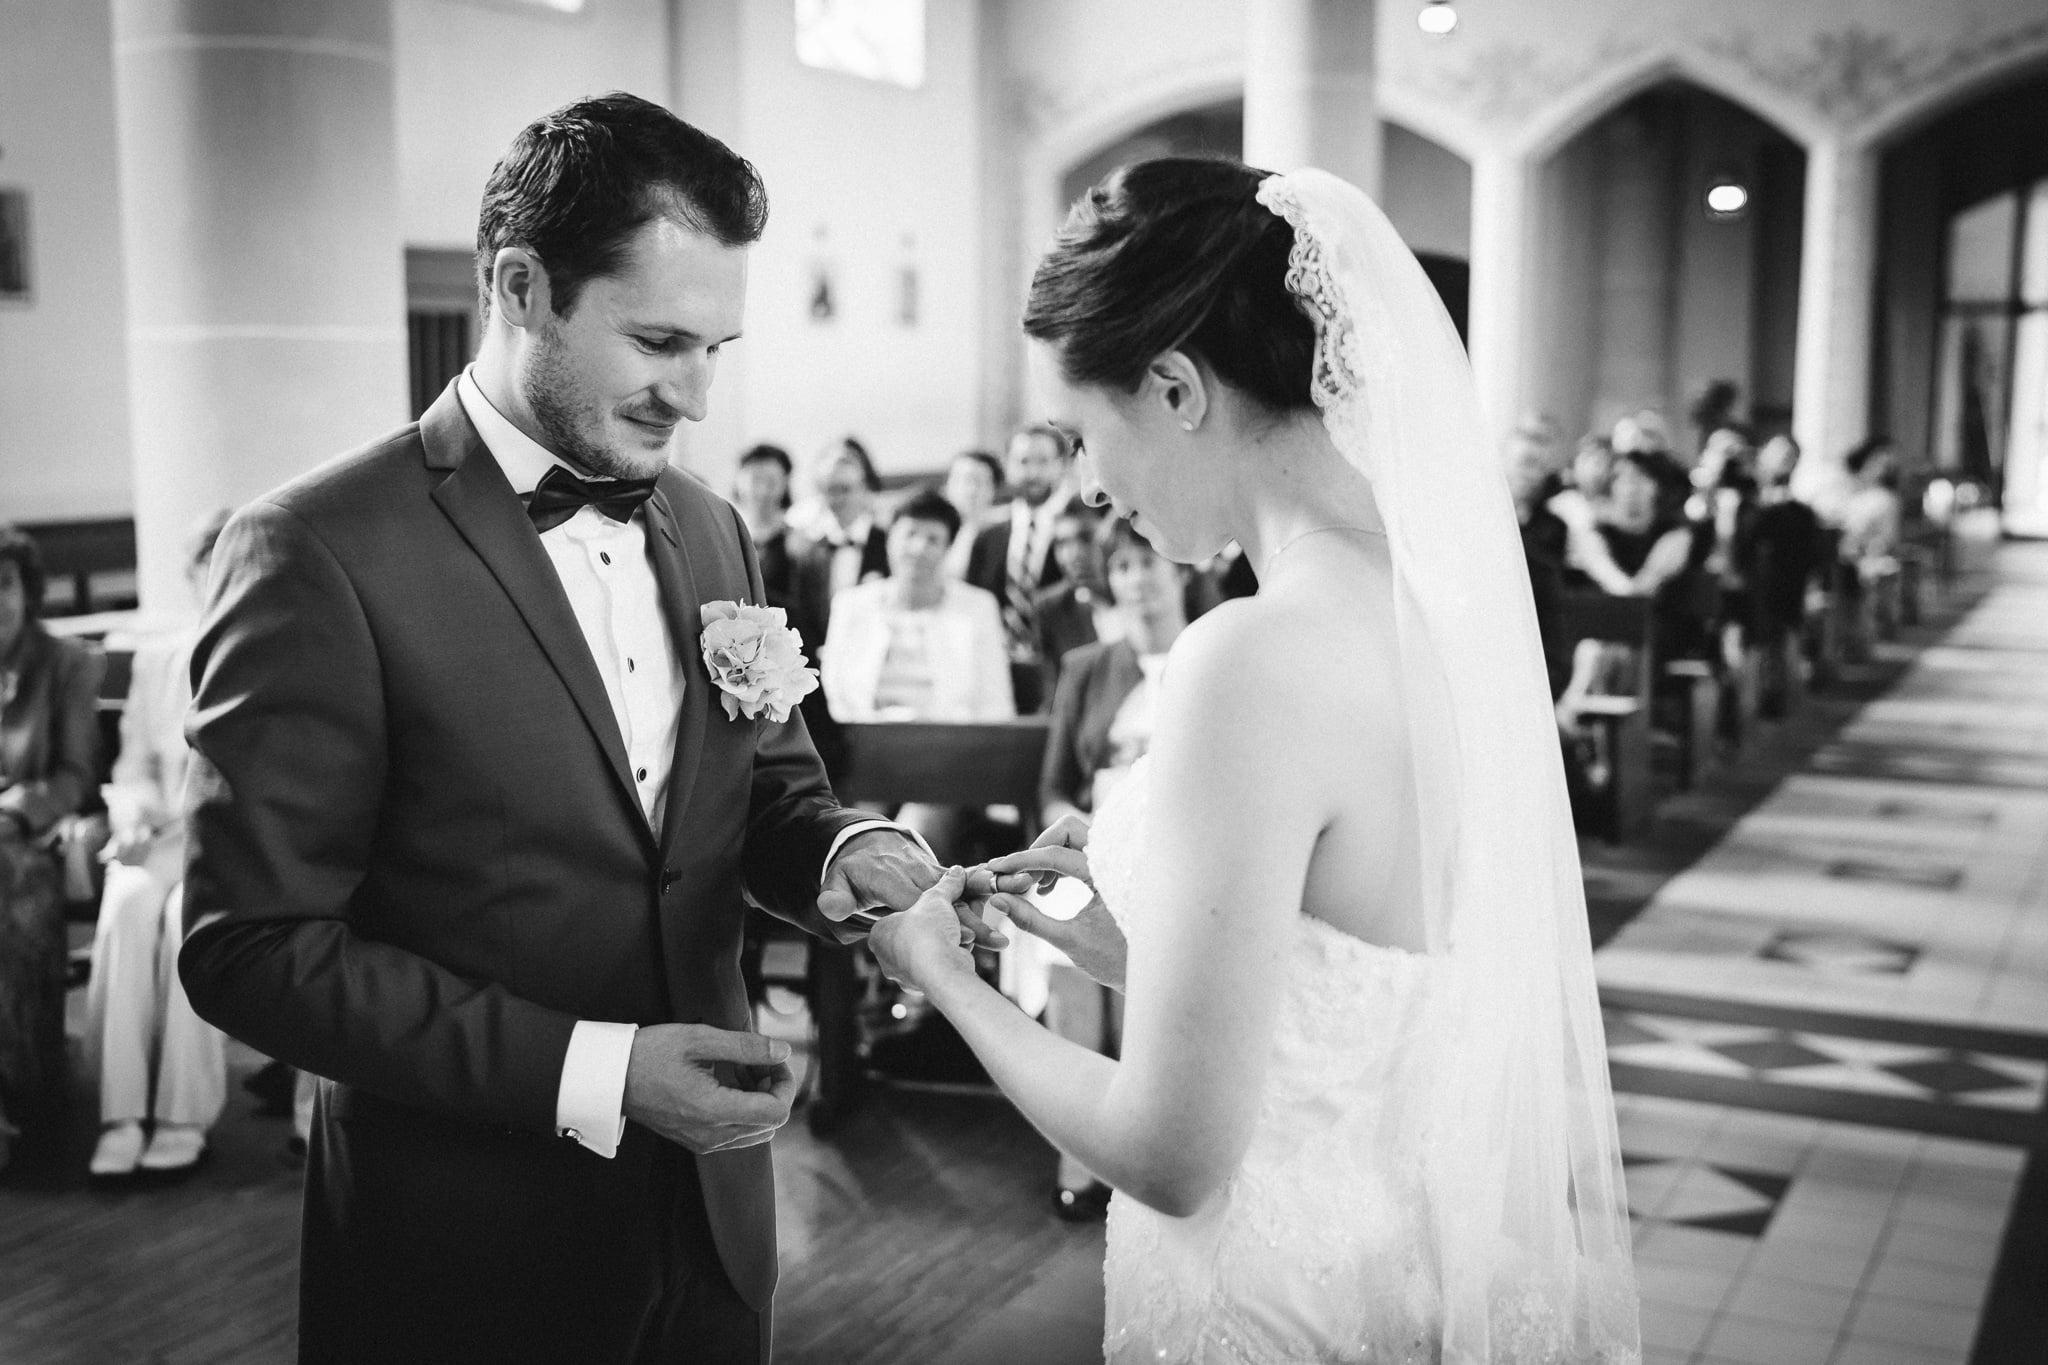 Ringübergabe von Braut an Bräutigam in Kirche in Trier